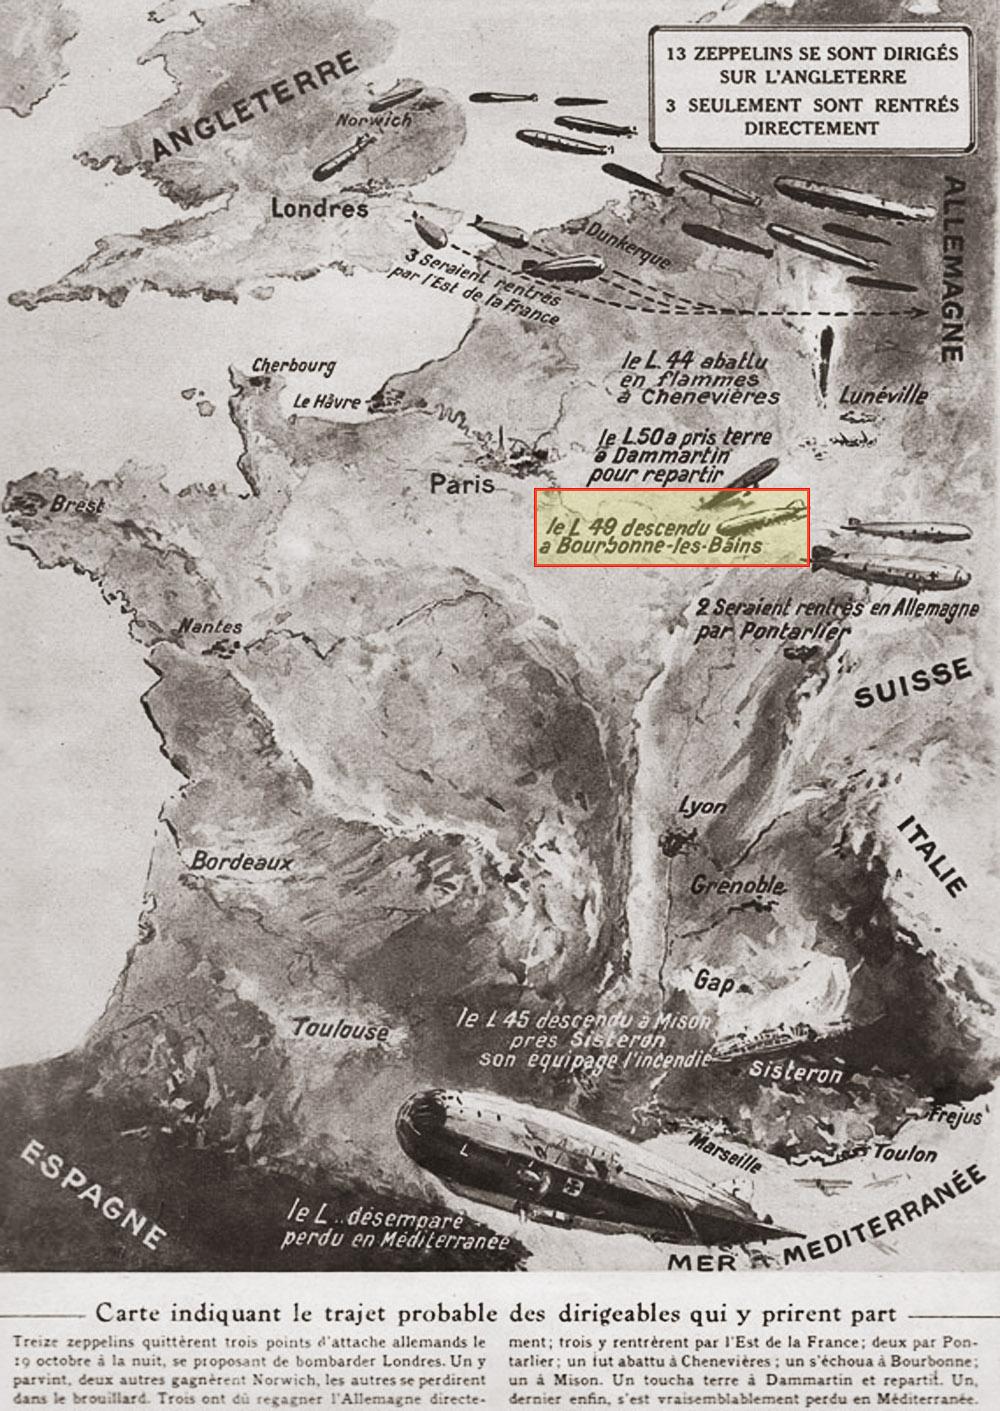 cate de l'offensive des 13 zpellepins 20 10 1917